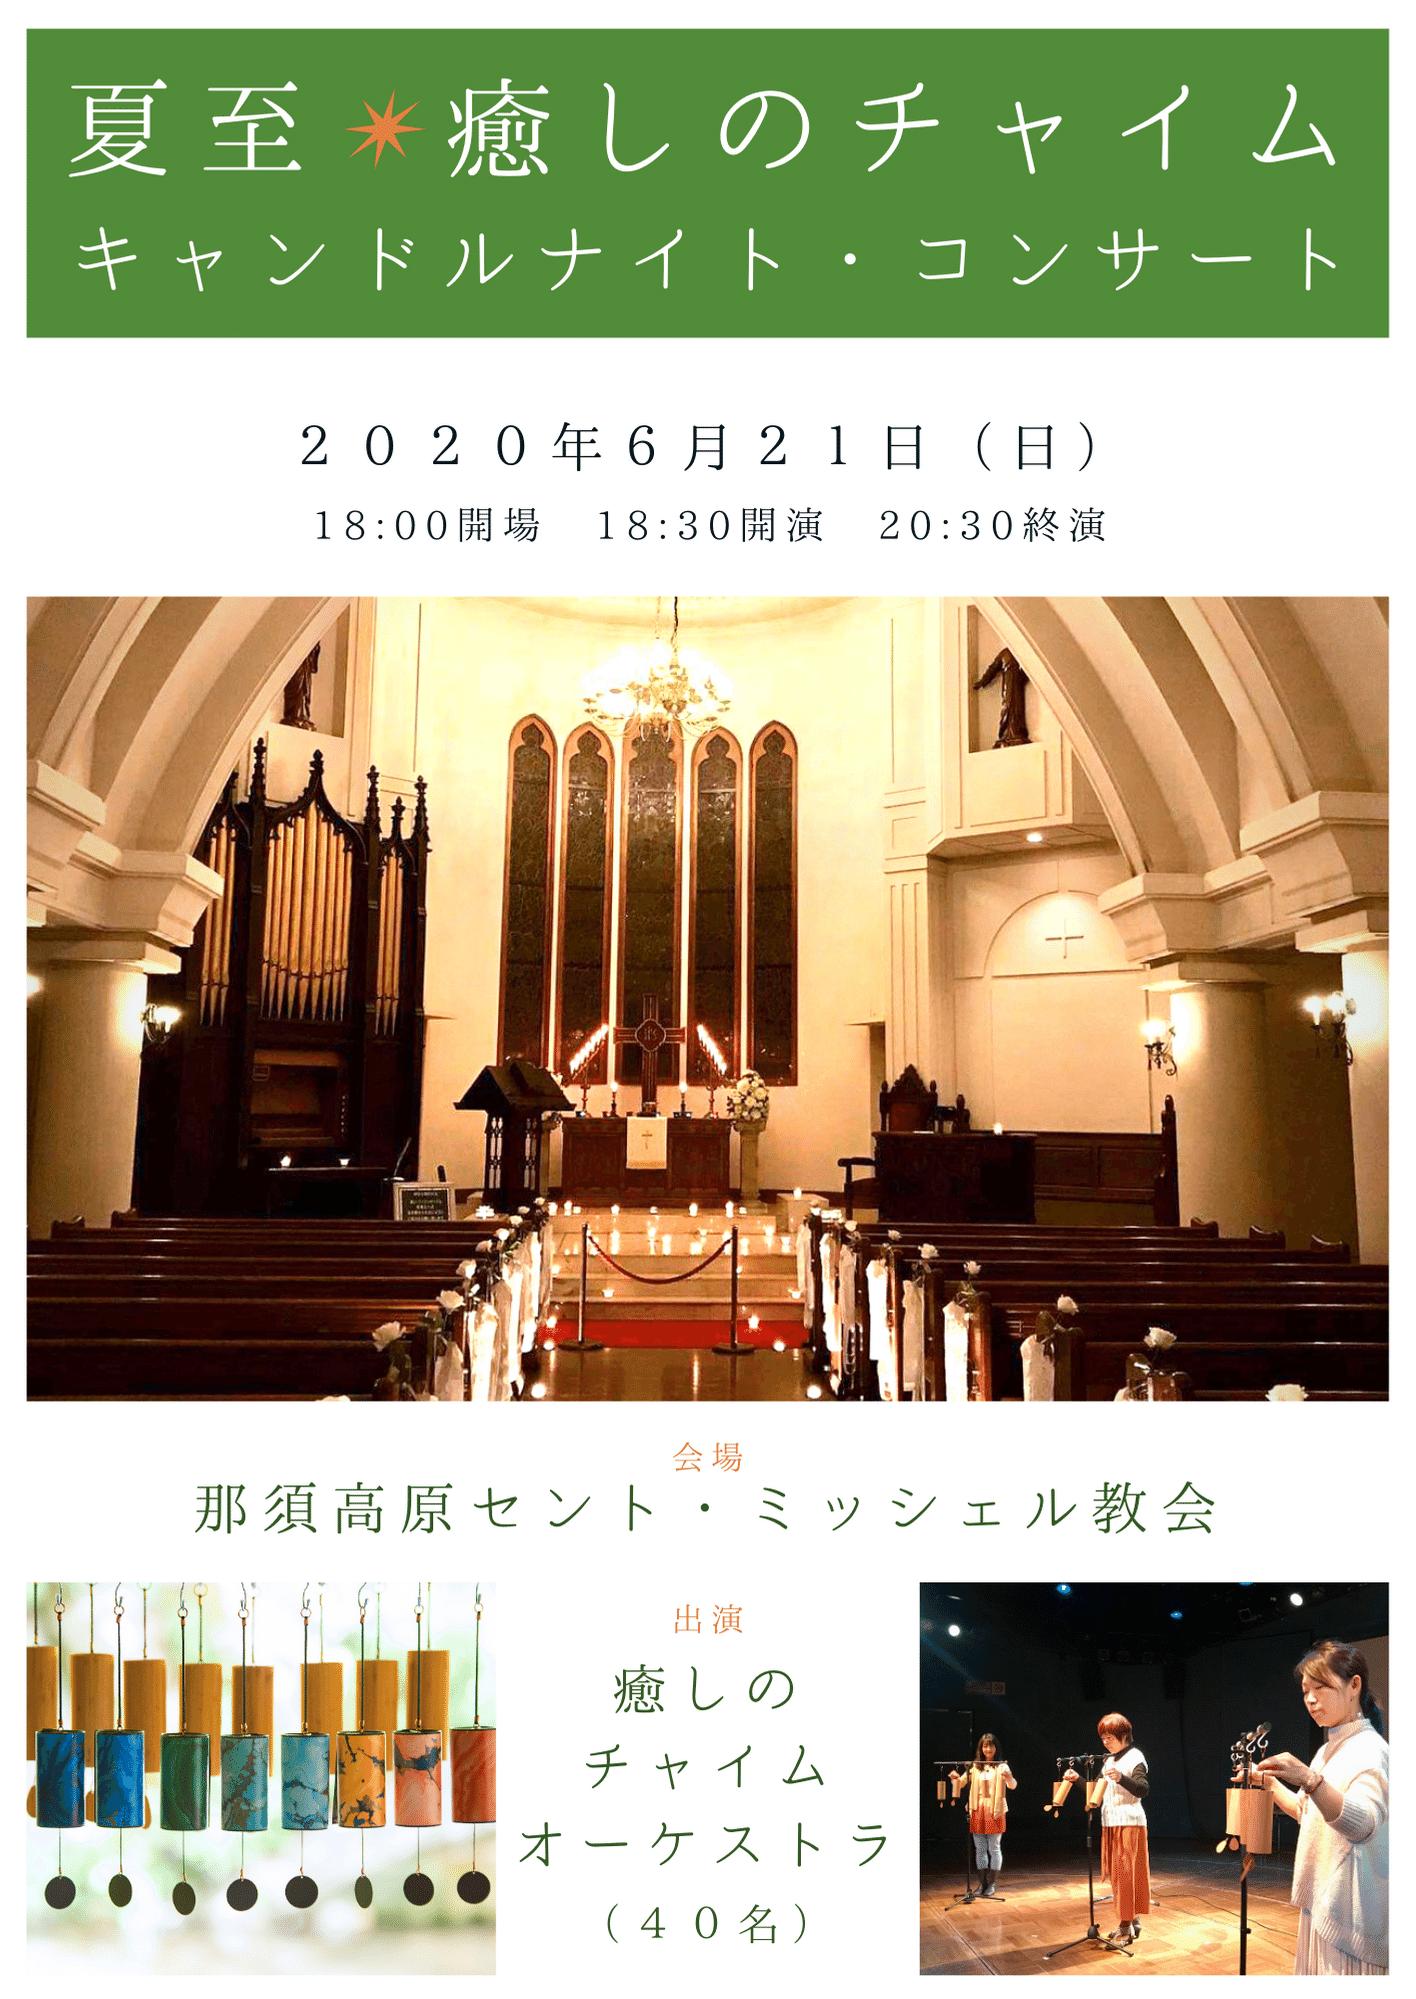 6月21日 夏至 癒しのチャイムの集いvol.2 in 那須高原セント・ミッシェル教会